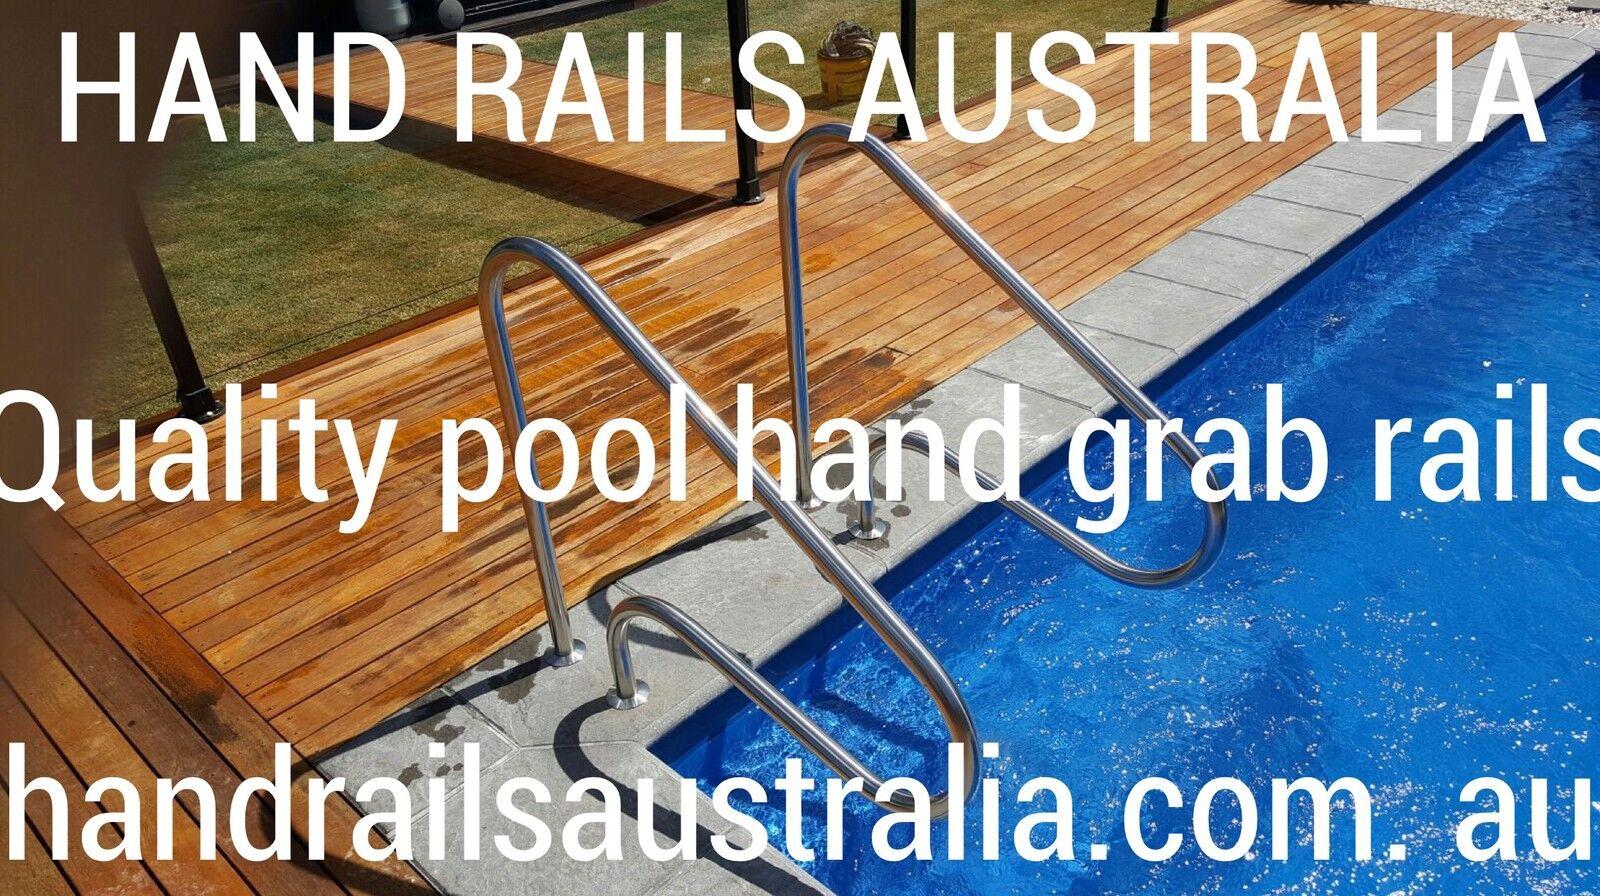 Hand Rails Australia